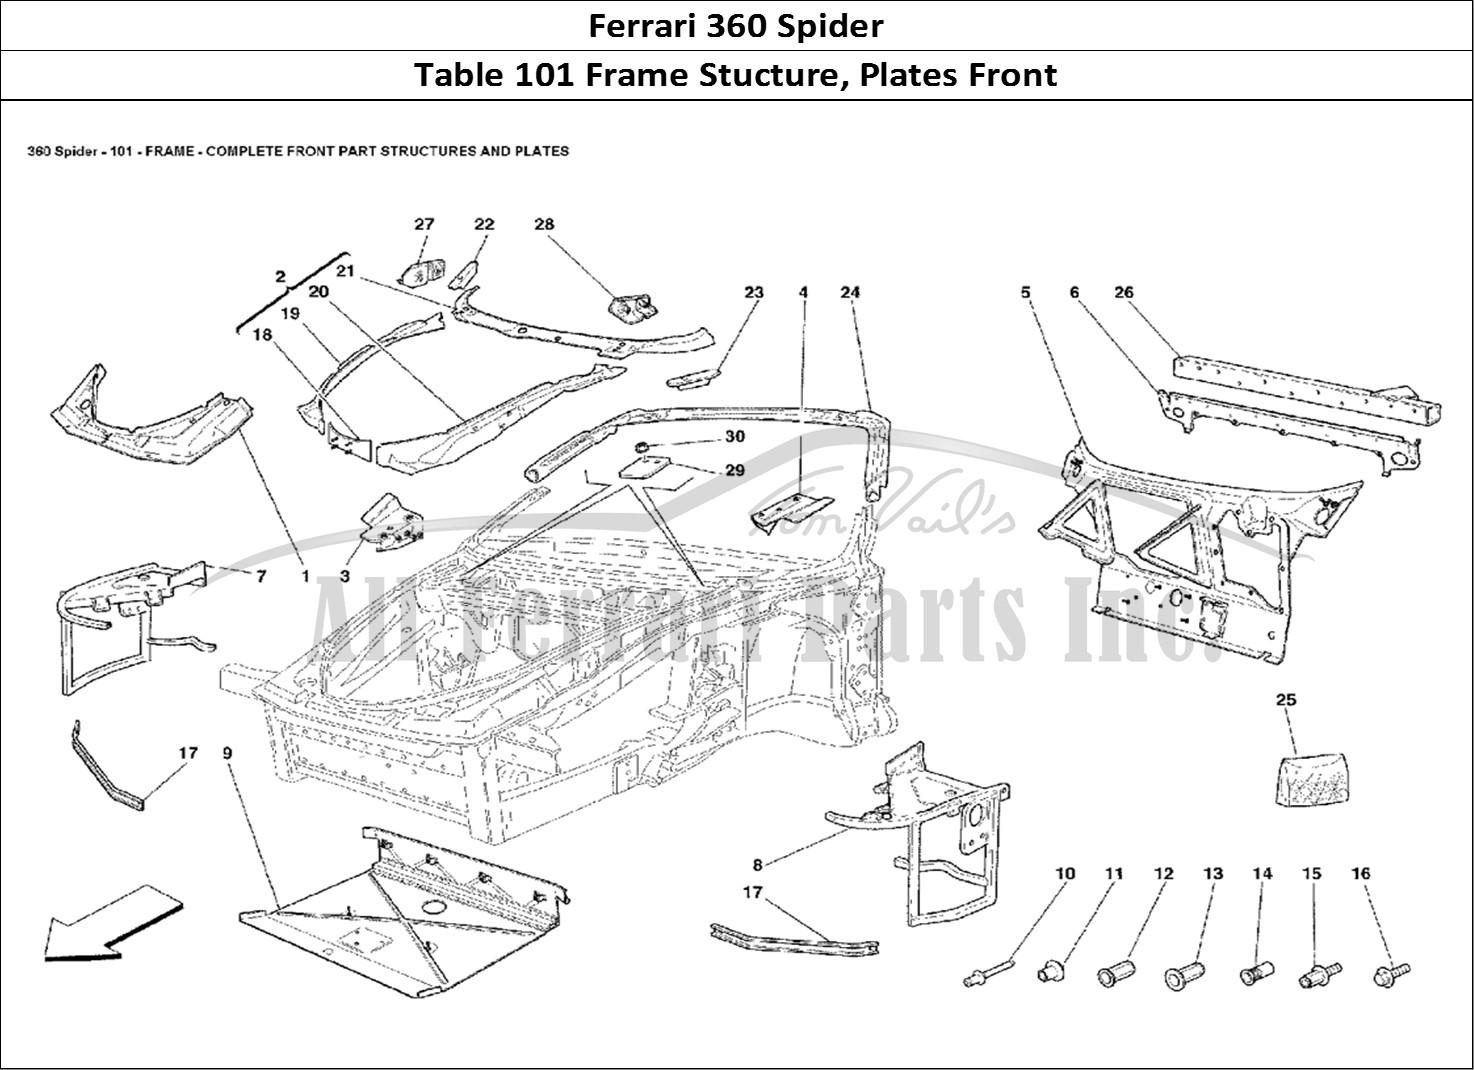 buy original ferrari 360 spider 101 frame stucture  plates front ferrari parts  spares